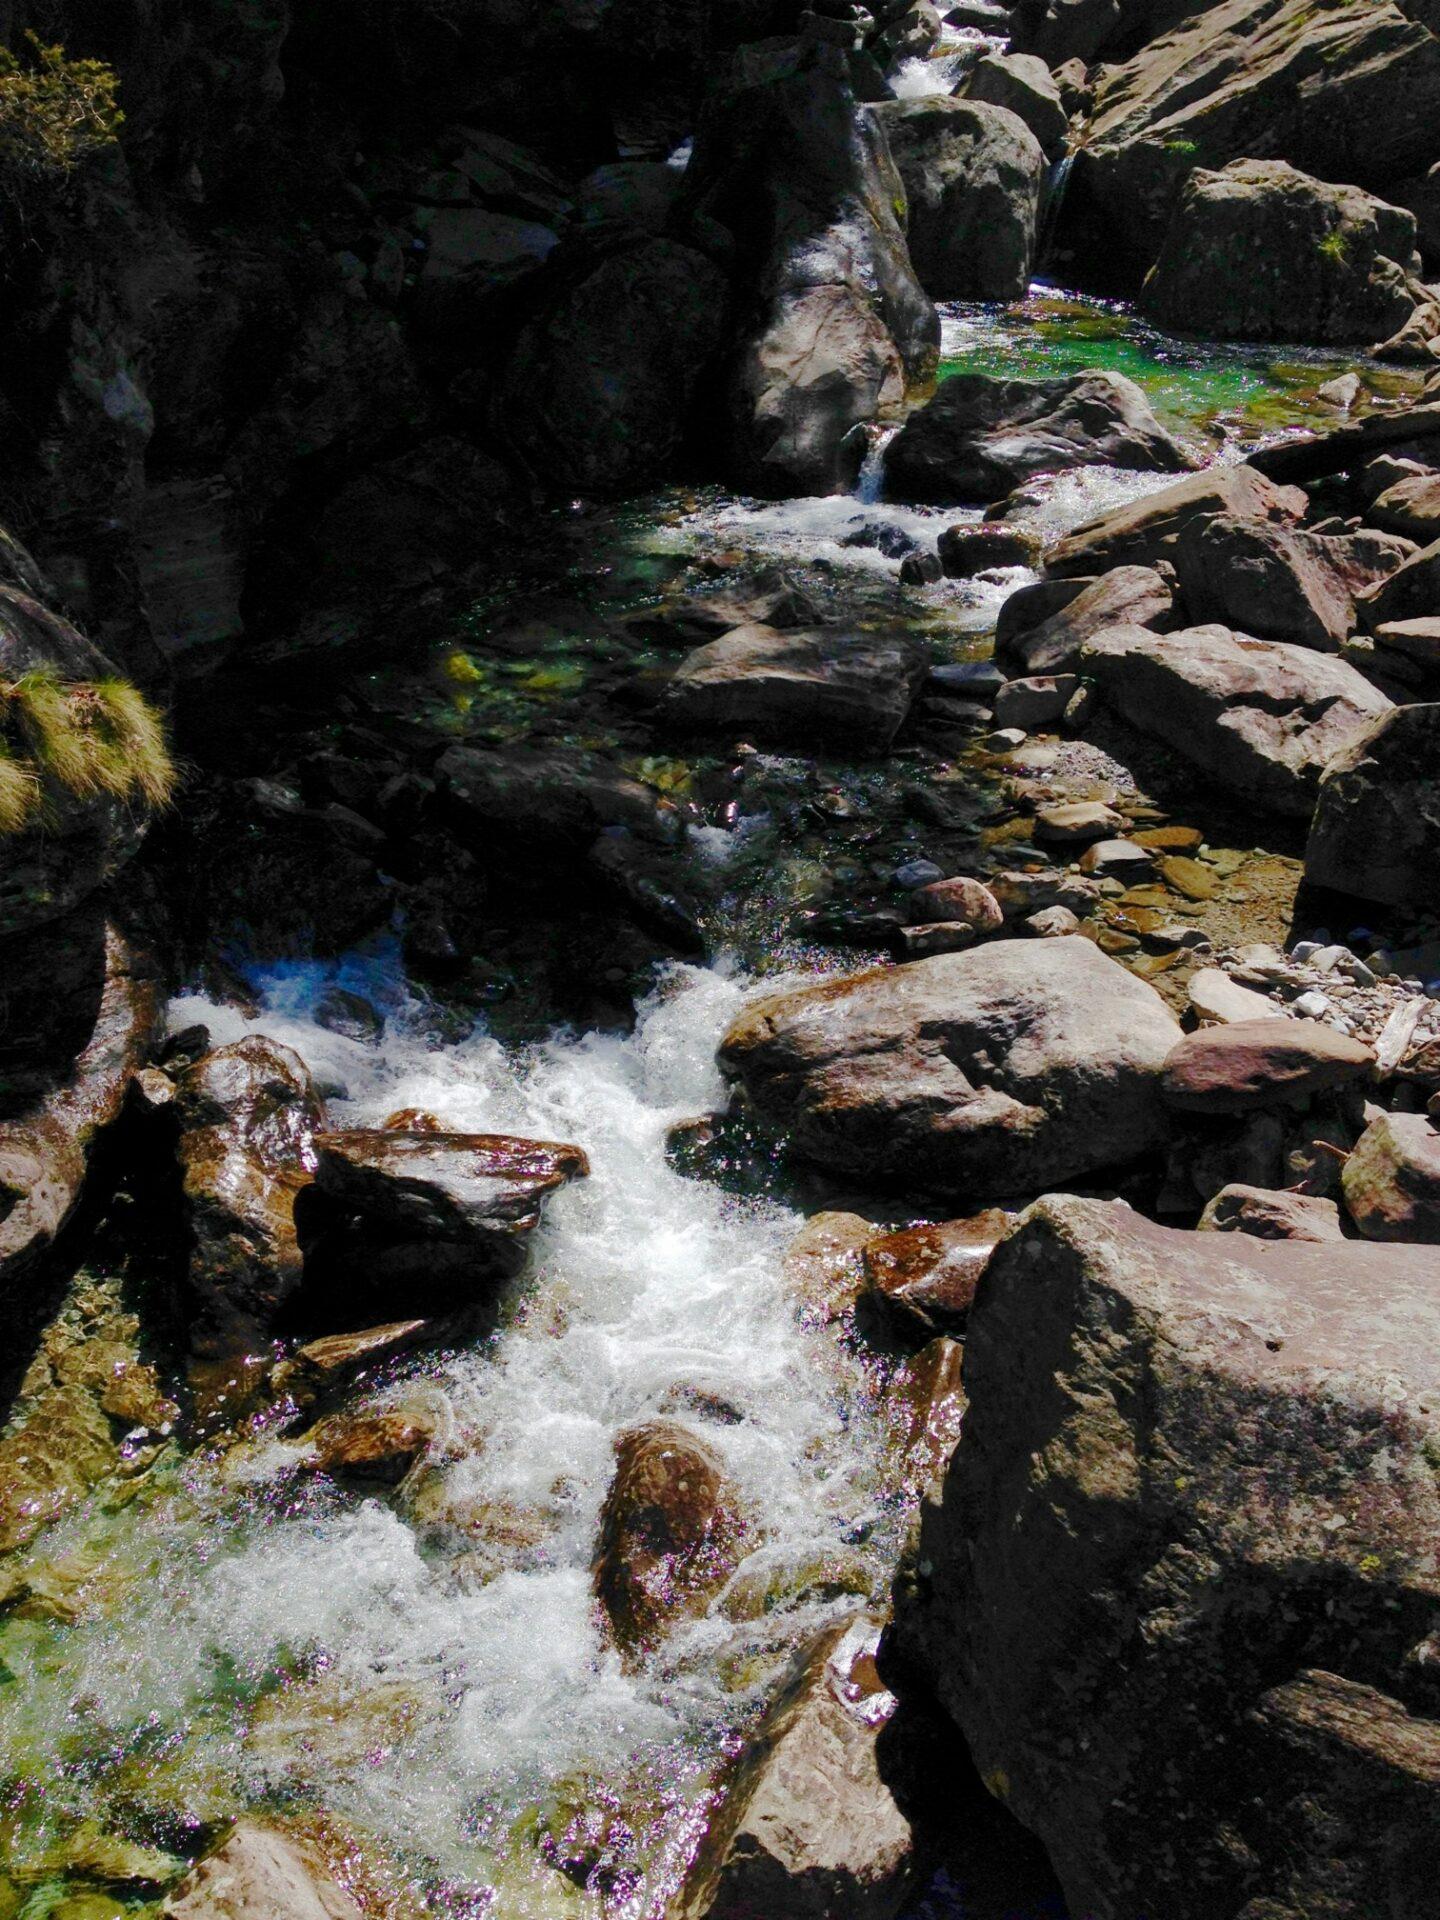 Wasser gibt es dank der Regenfälle der letzten Tage reichlich